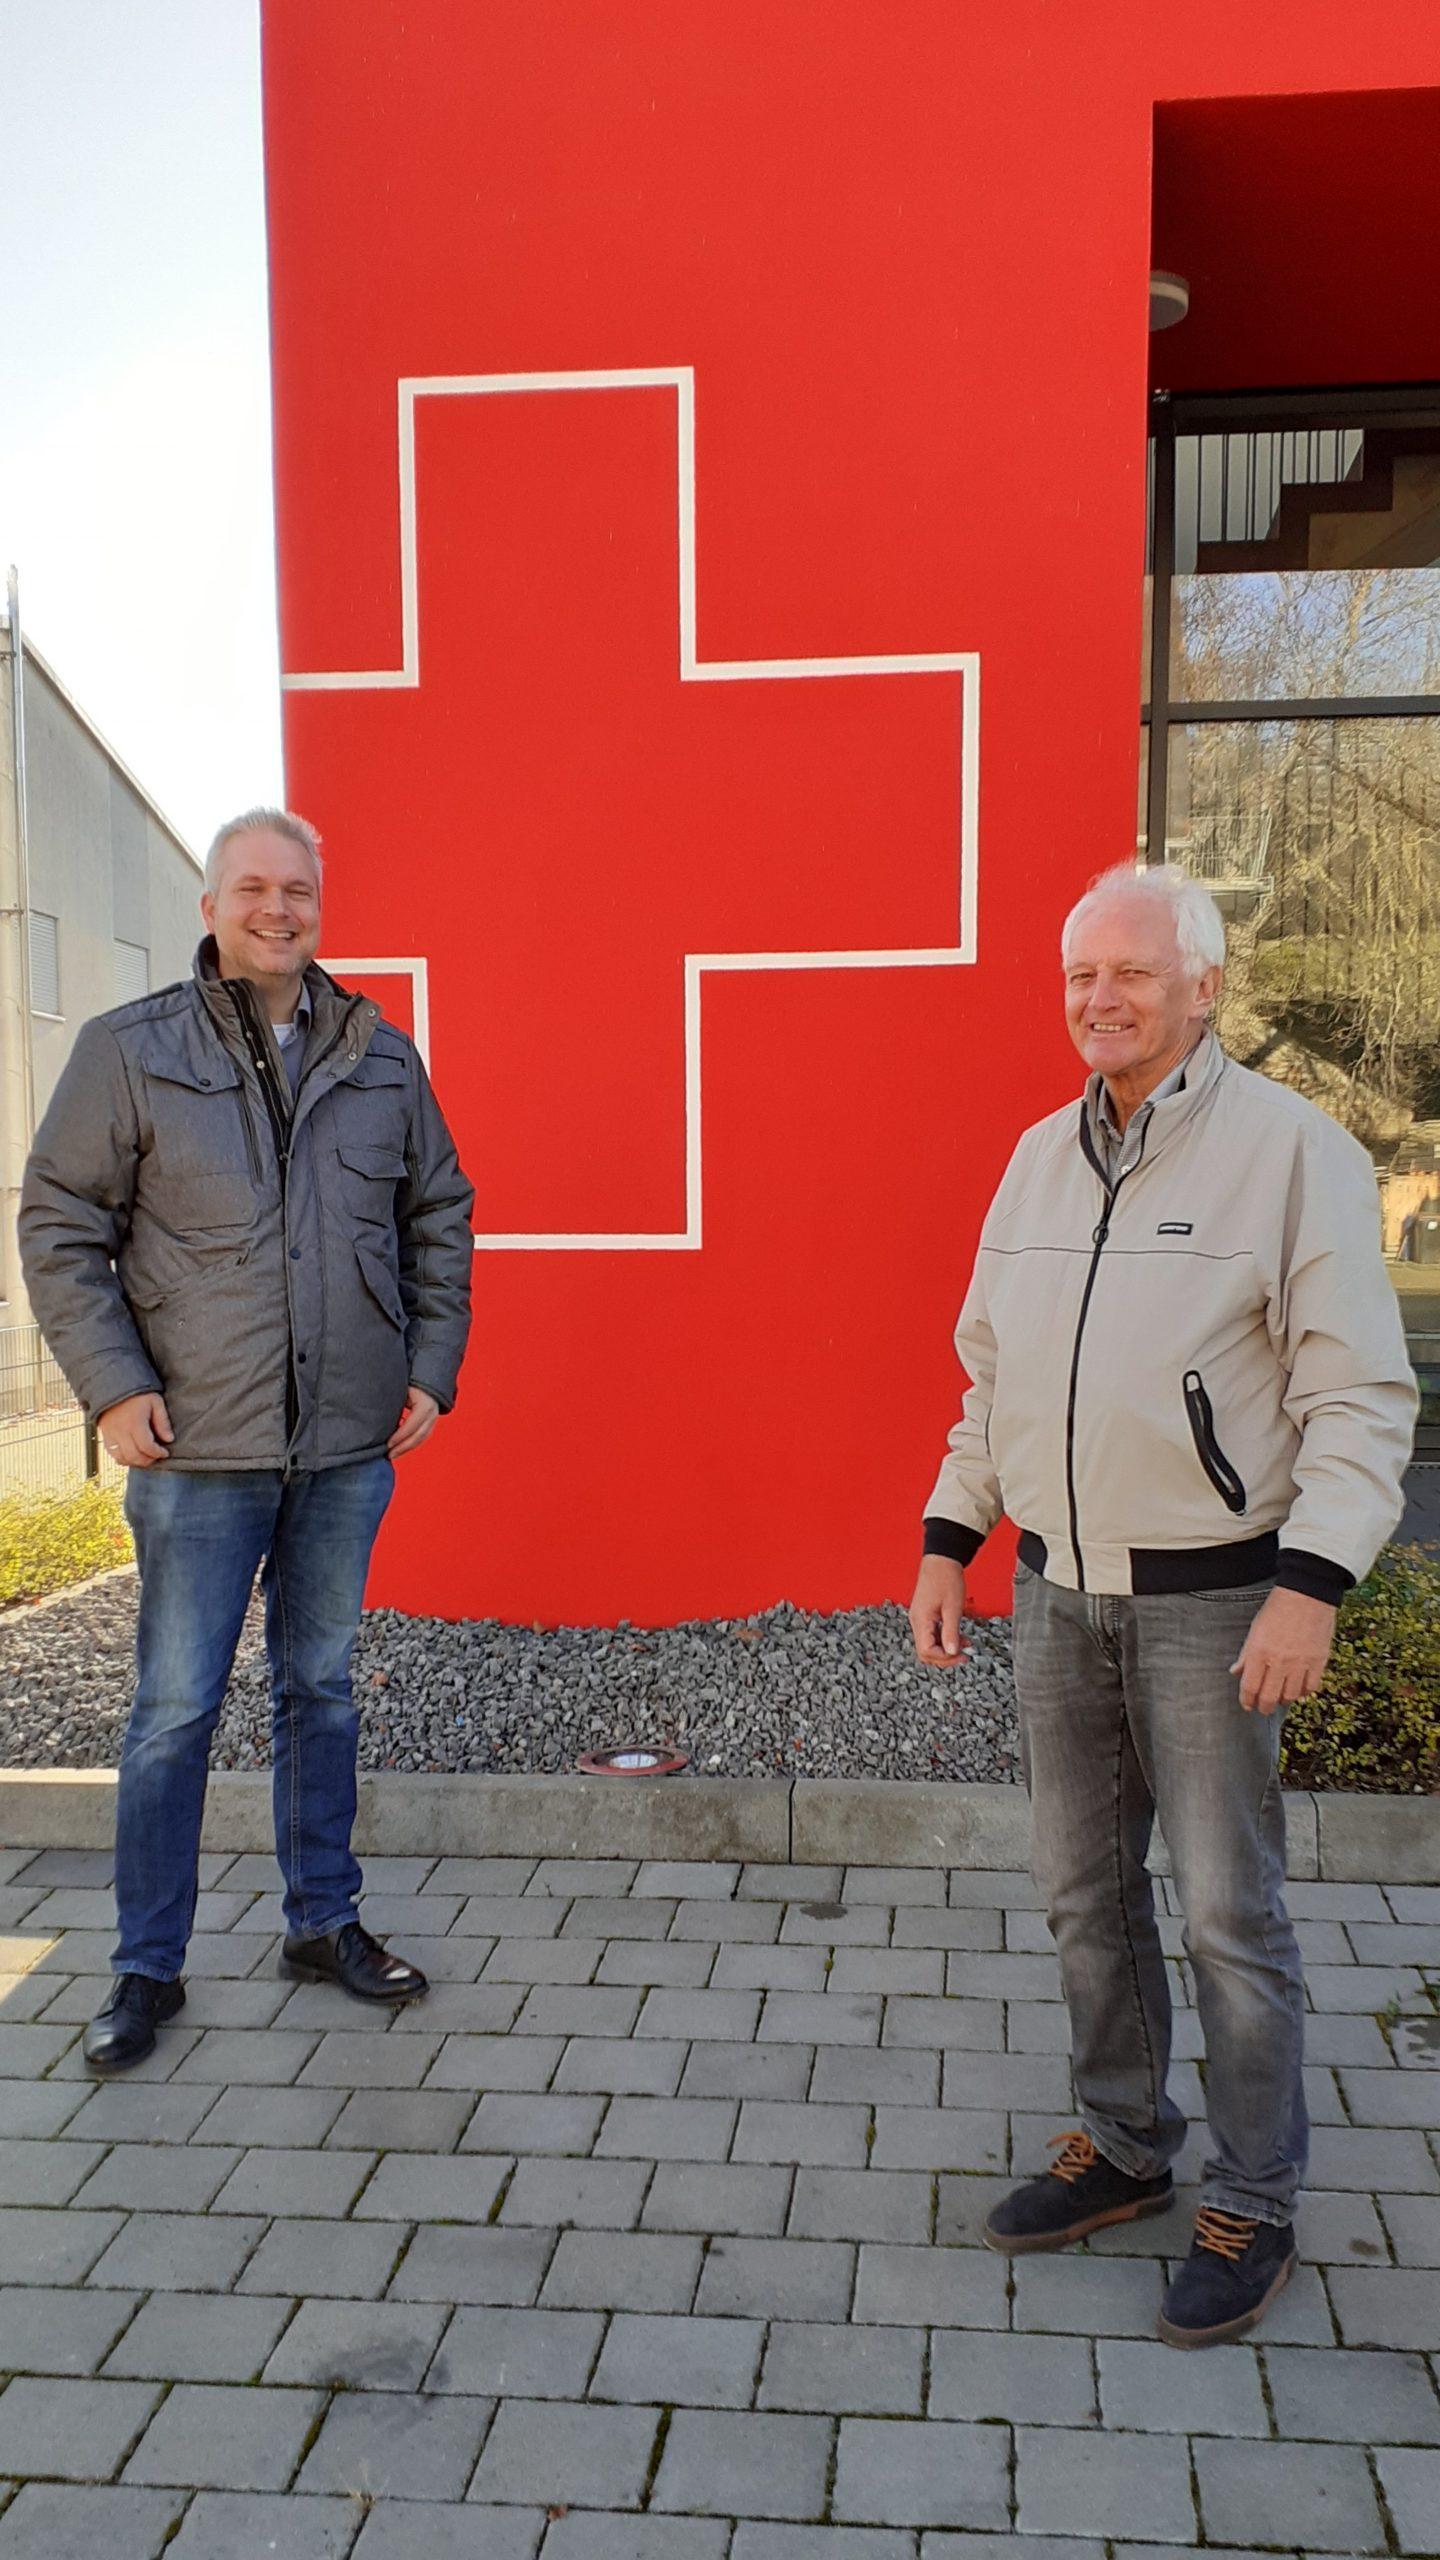 FWG begrüßt Fortschritt zum Neubau der Rettungswache in Bad Neuenahr- Ahrweiler